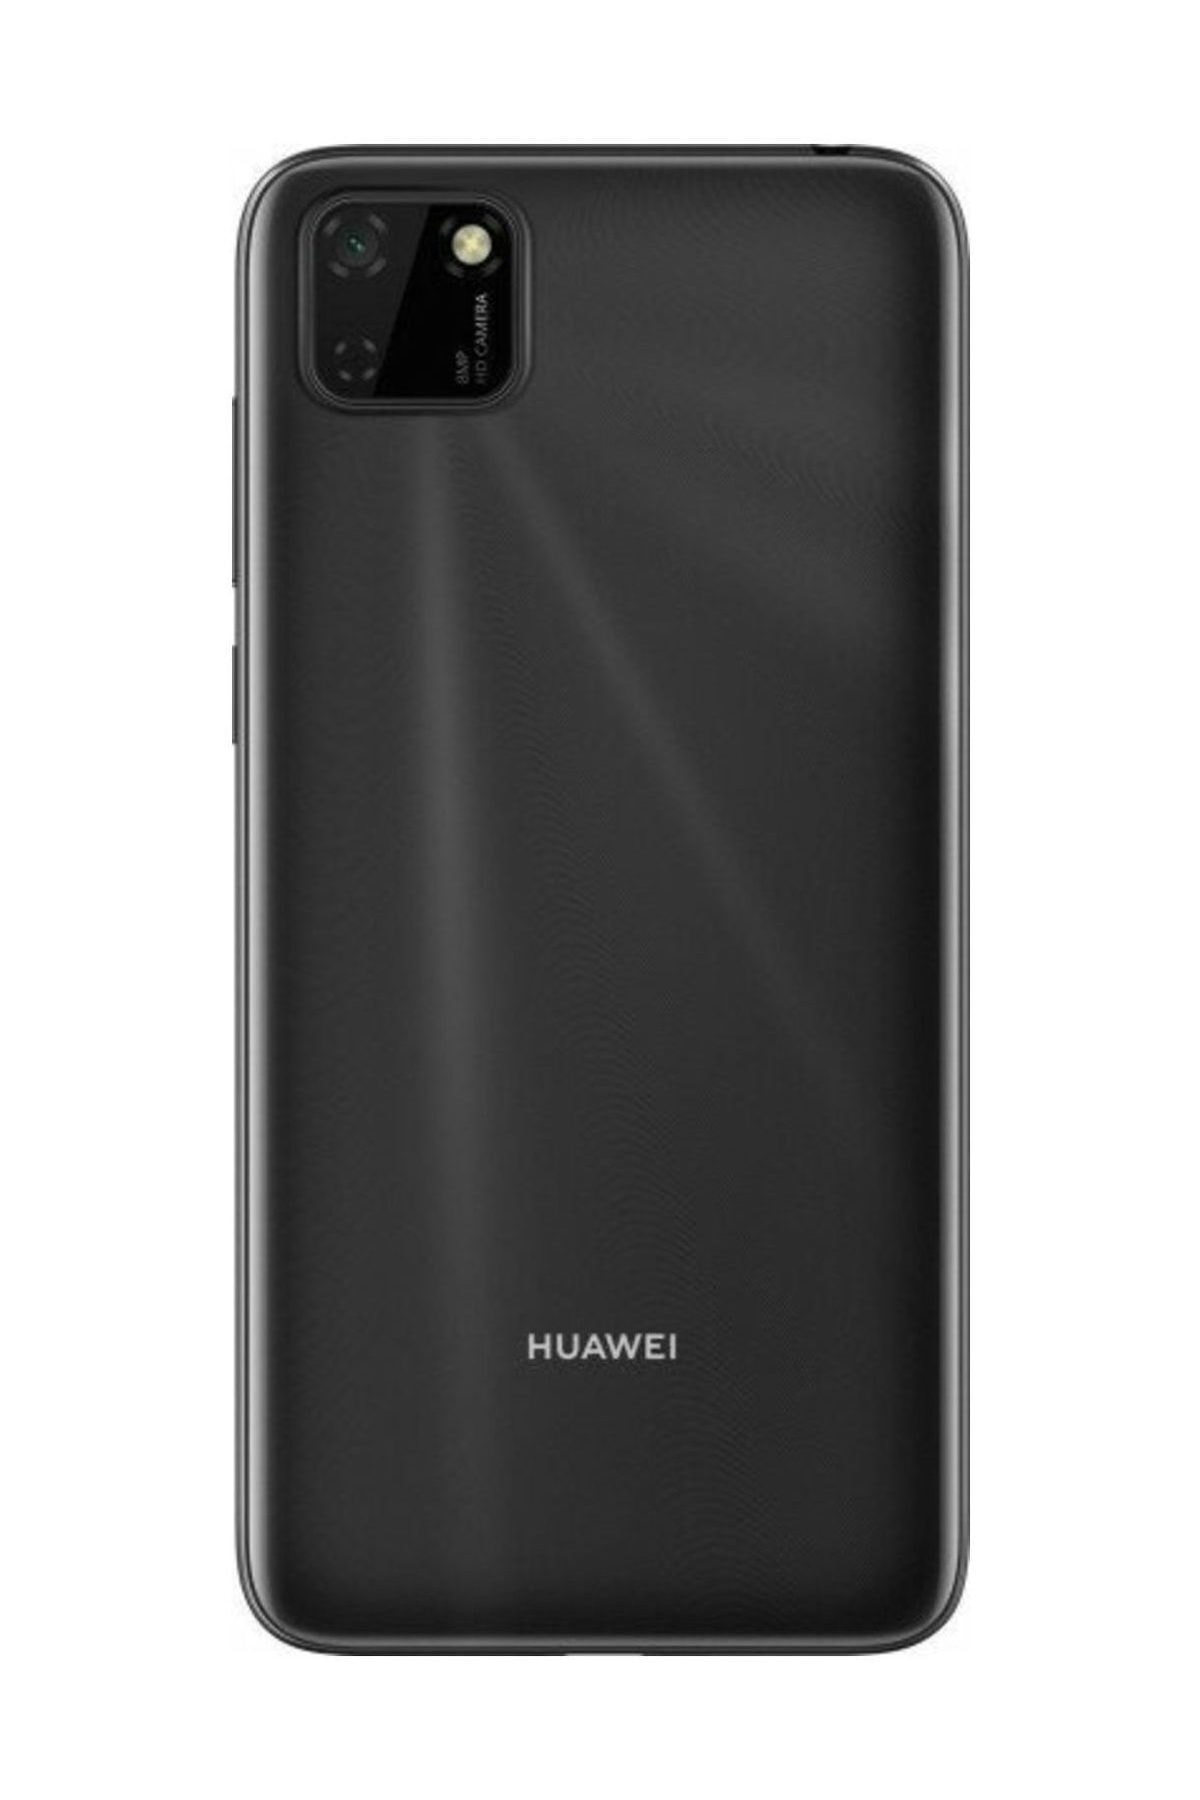 Huawei Y5p 32 GB Siyah Cep Telefonu (Huawei Türkiye Garantili) - Türkiye'de ilk kez Trendyol'da 2